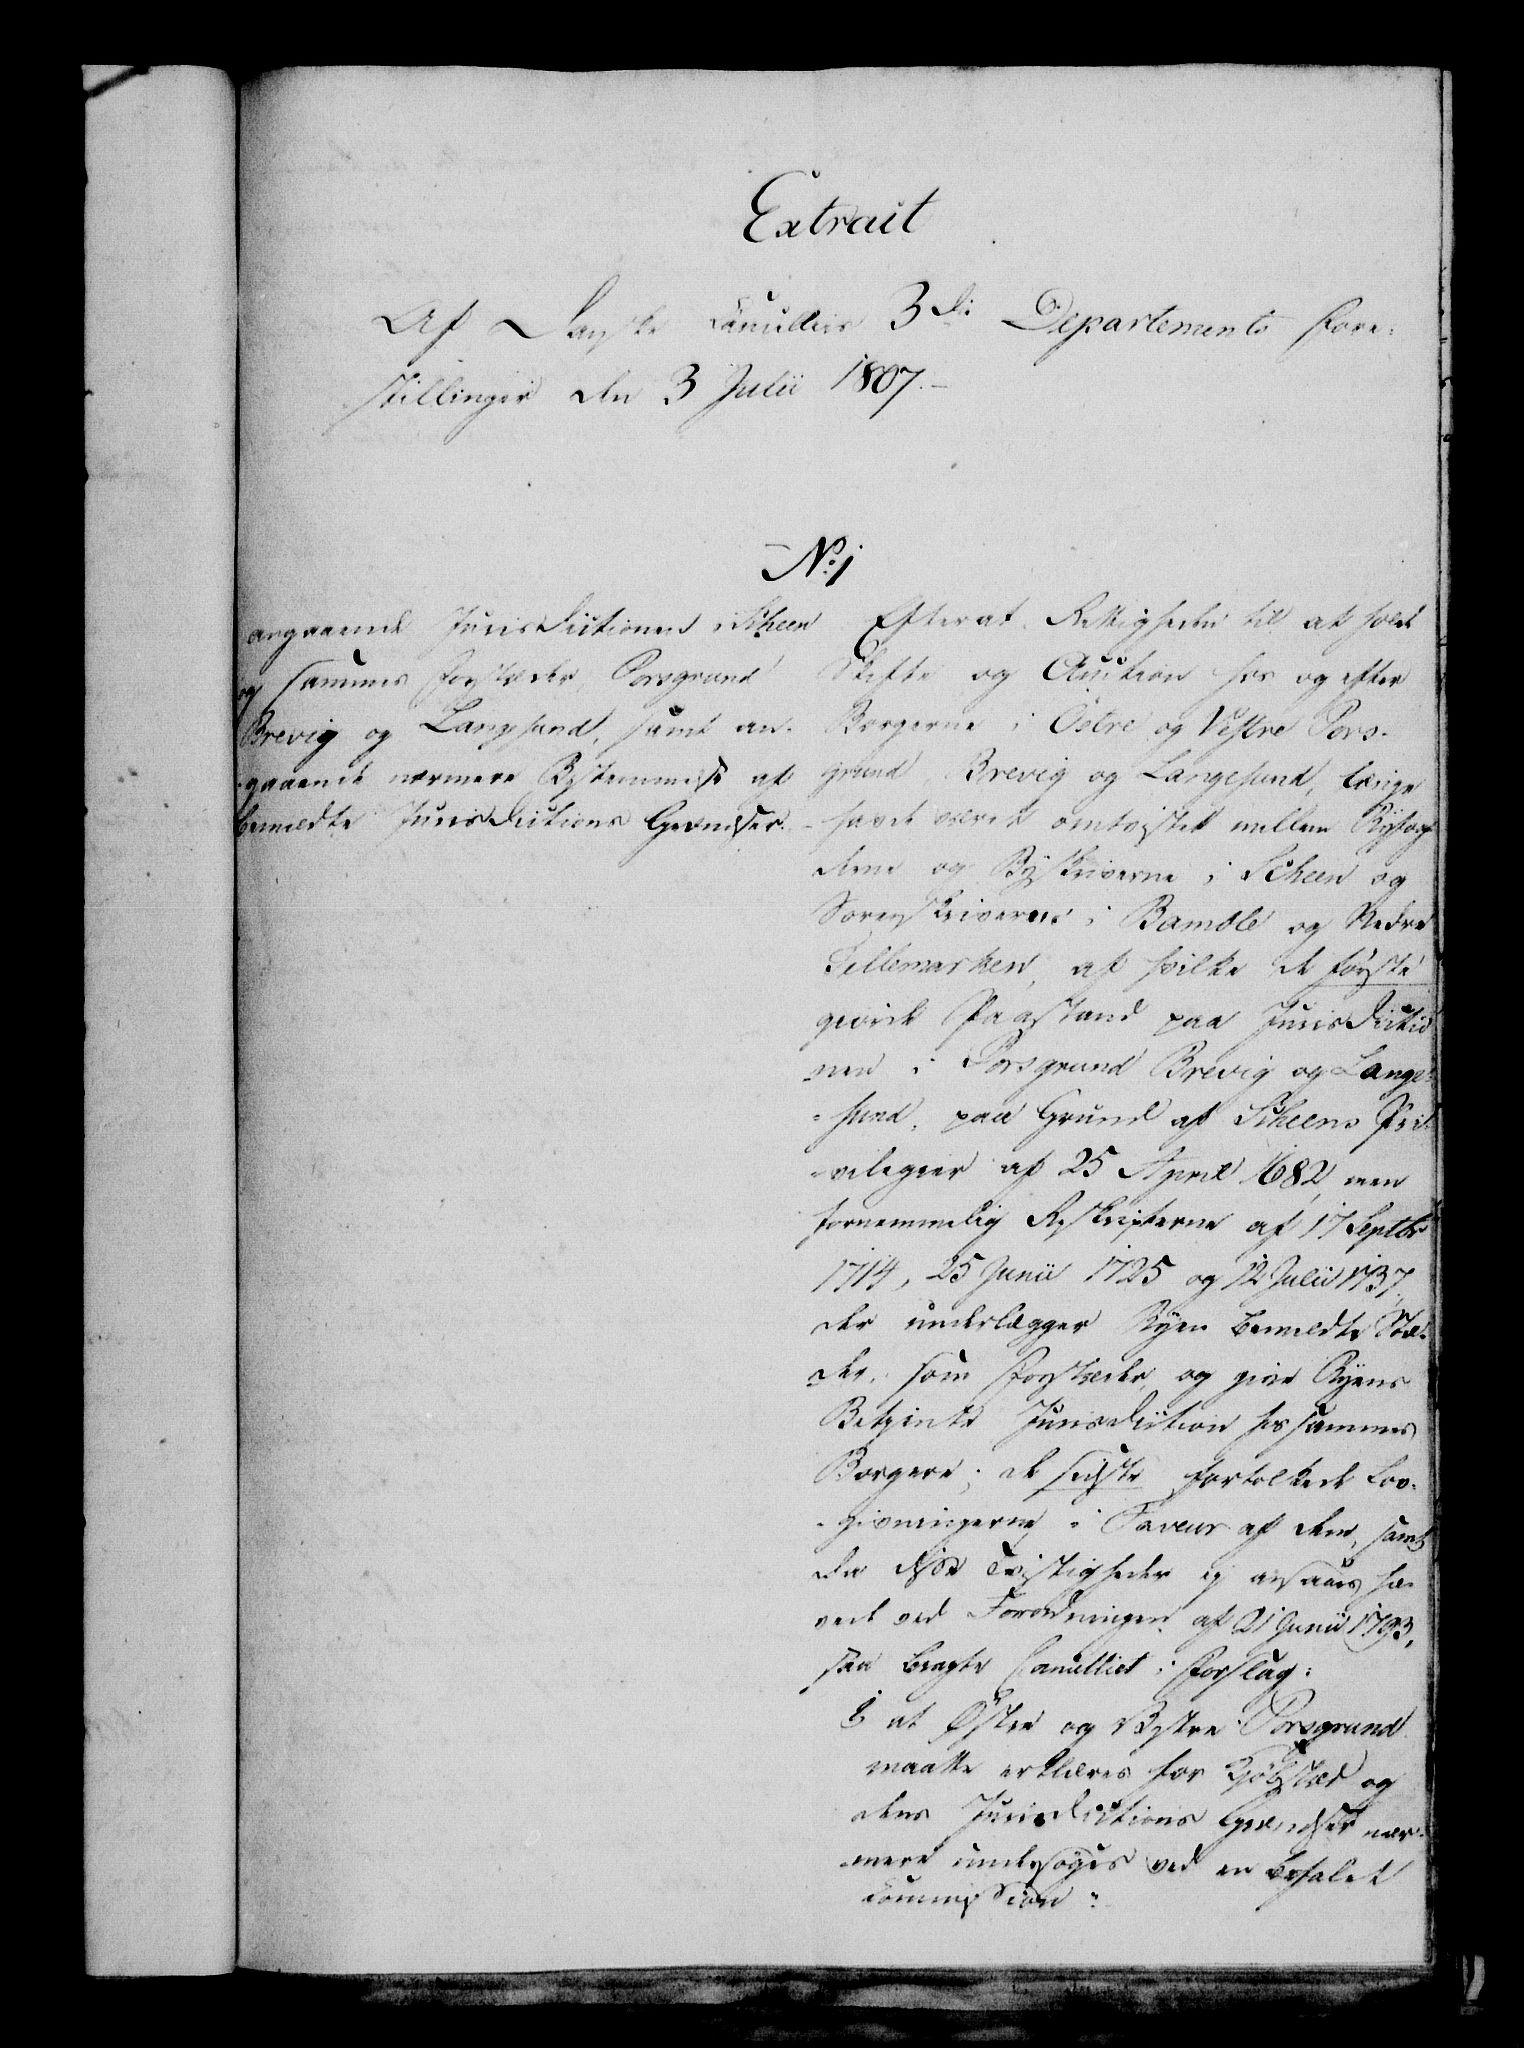 RA, Danske Kanselli 1800-1814, H/Hf/Hfa/Hfaa/L0008: Ekstrakt av forestillinger, 1807